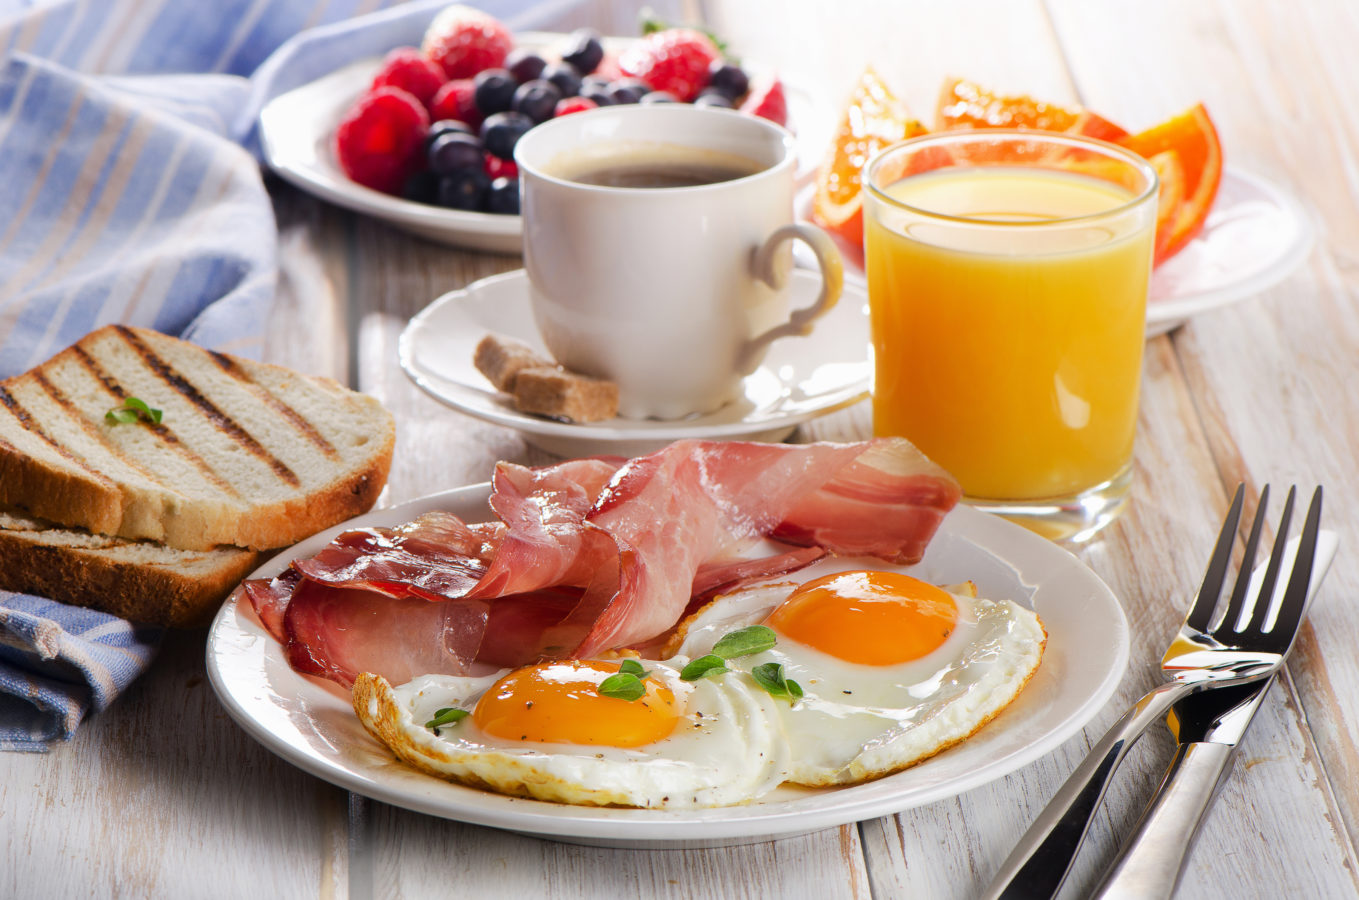 Les bienfaits du petit-déjeuner sur une journée de travail